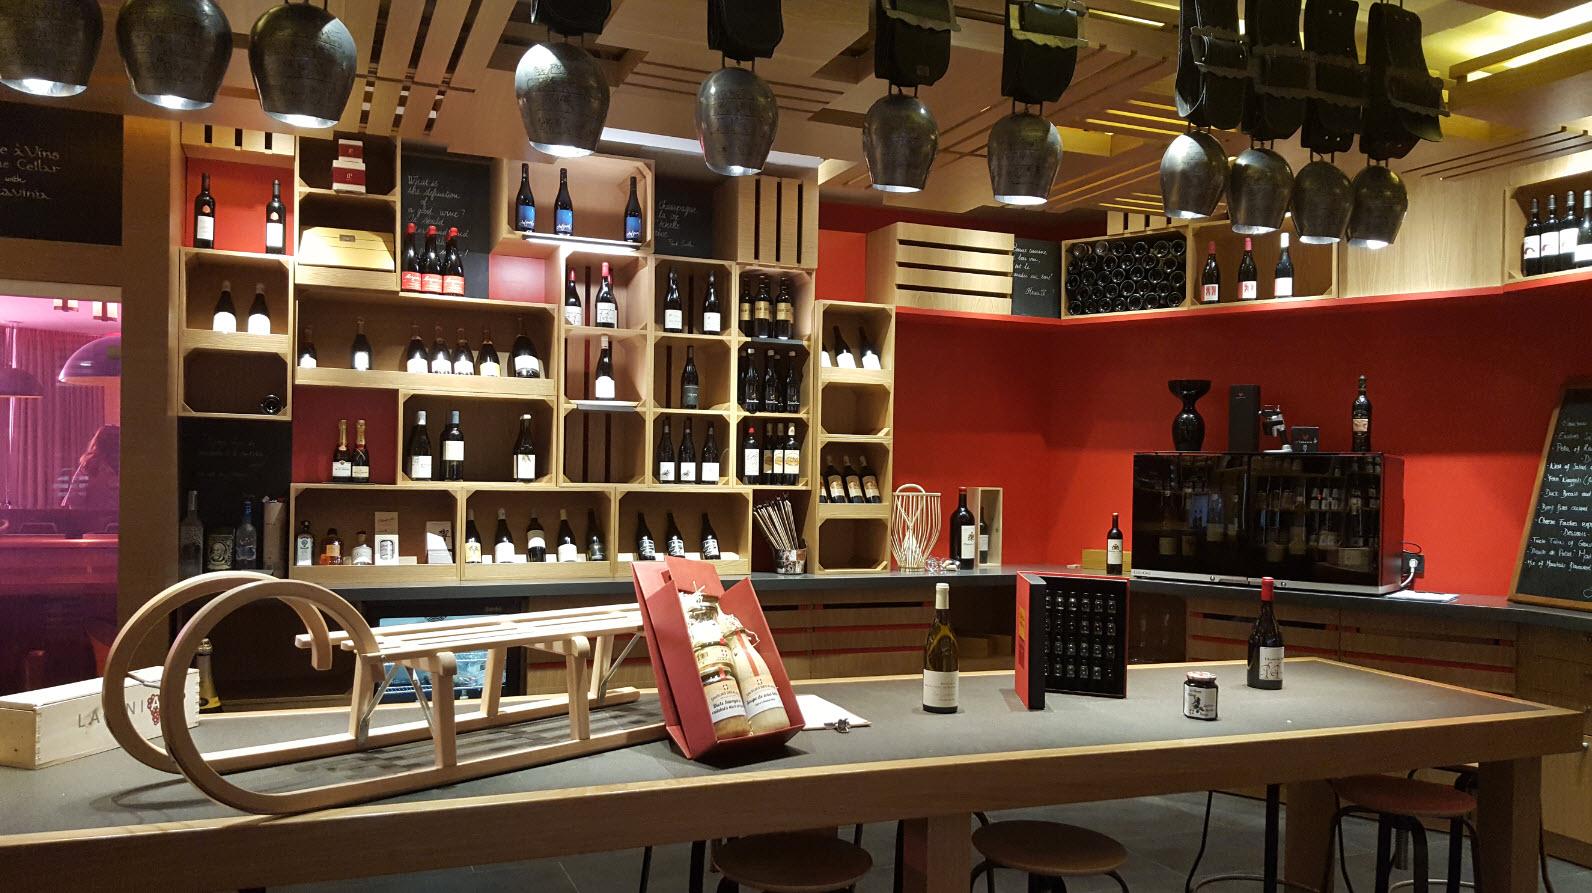 Epicerie fine et cave a vins